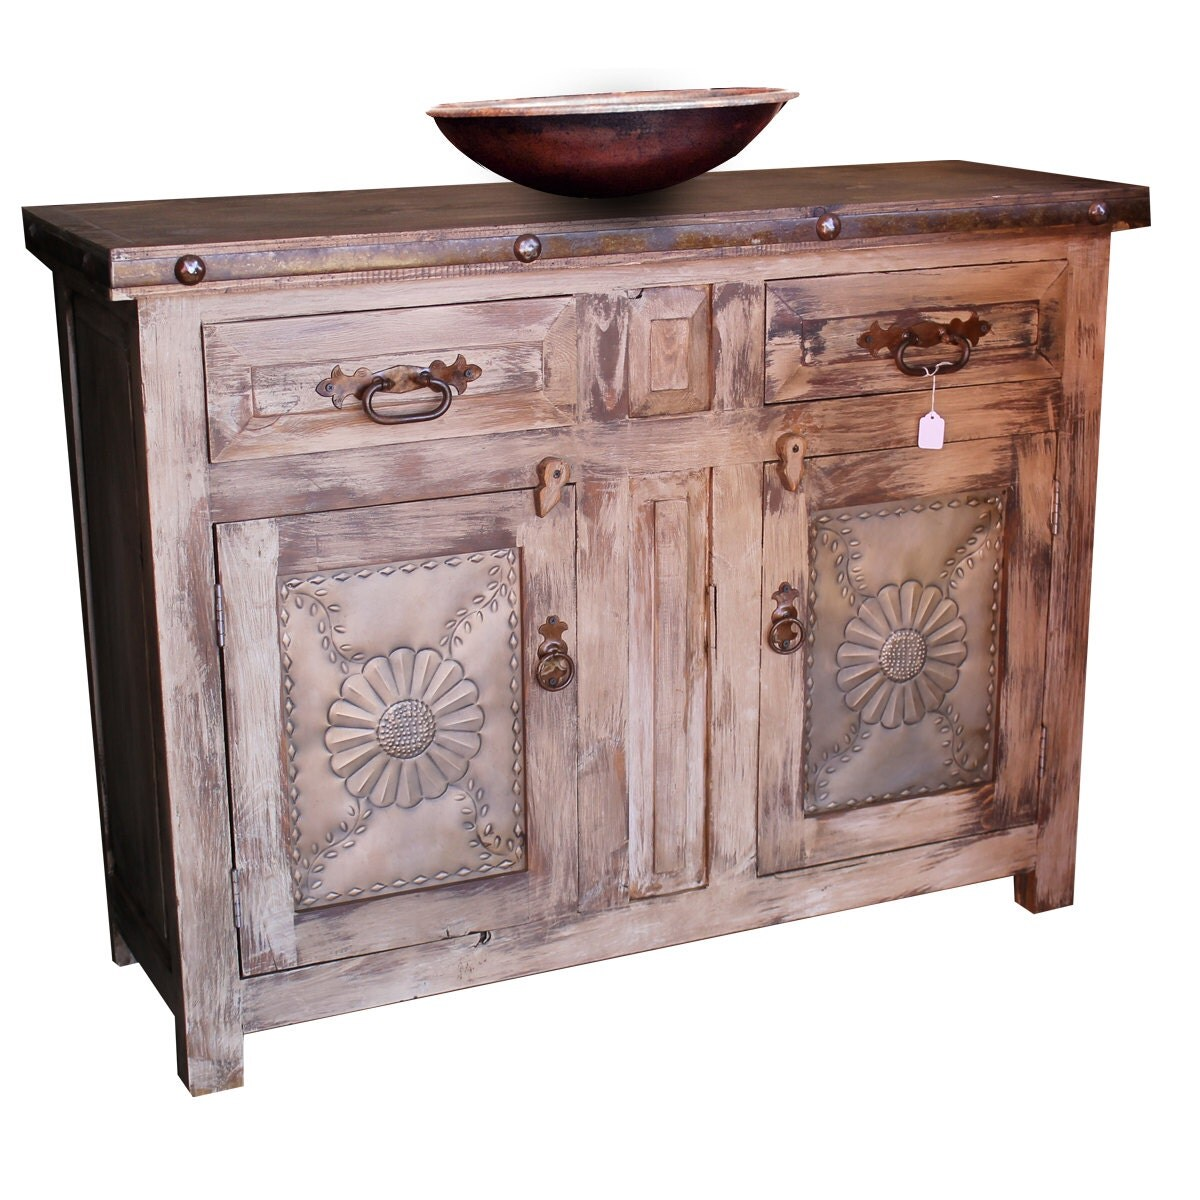 Amazoncom Rustic Reclaimed Wood Nightstand Bedside